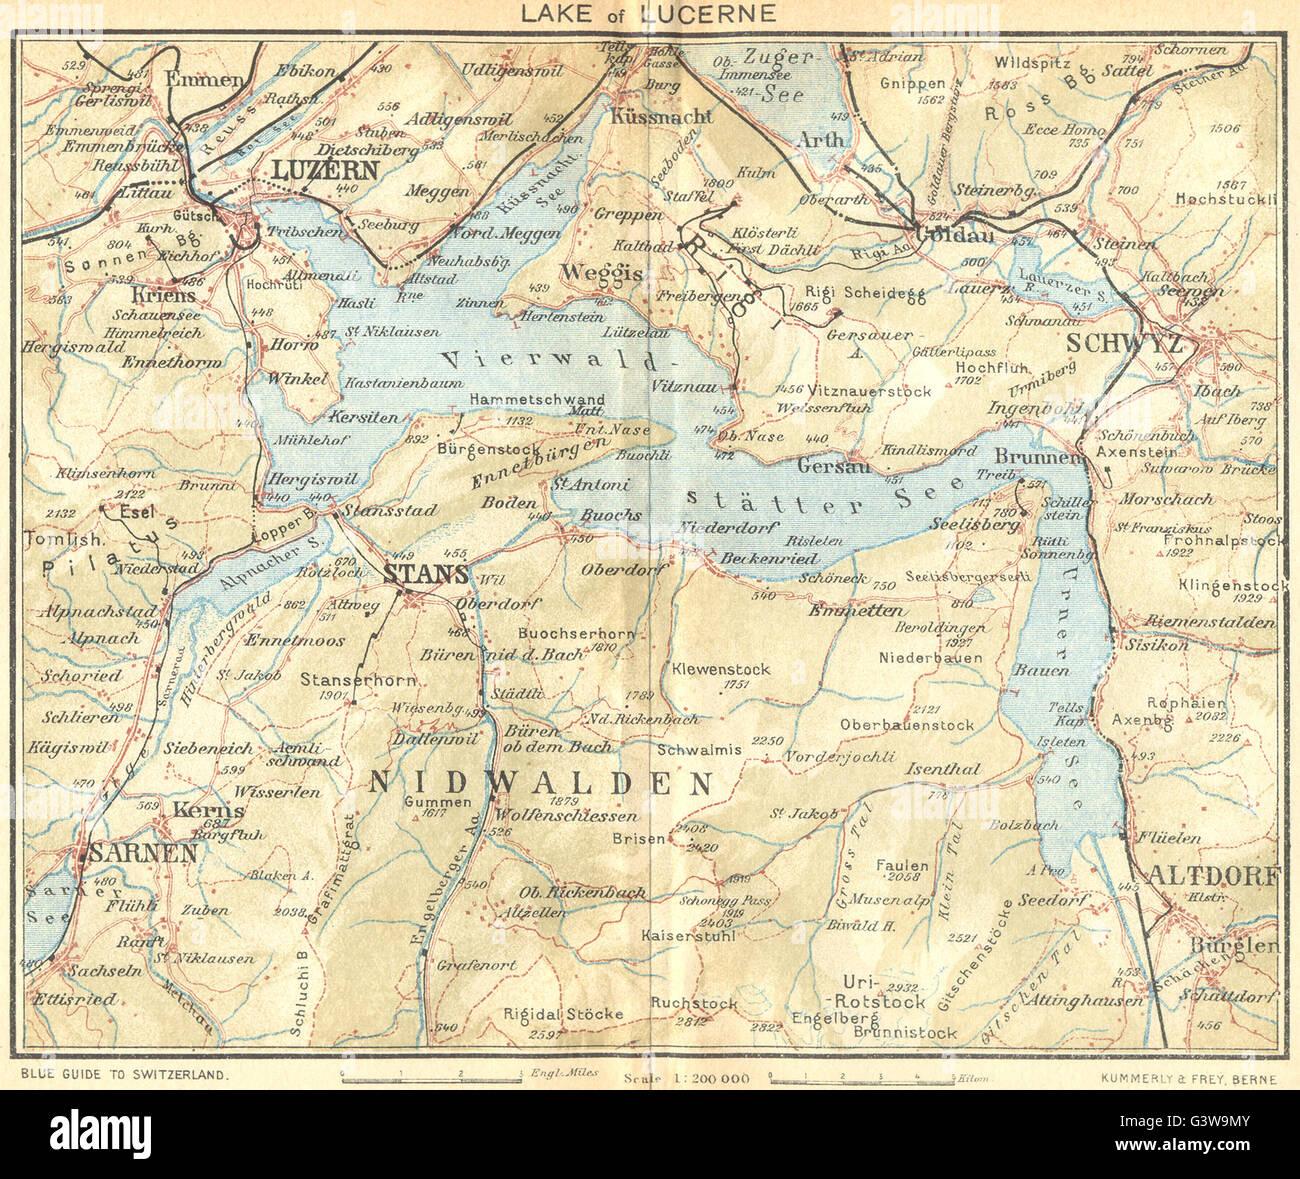 SWITZERLAND Lake of Lucerne 1930 vintage map Stock Photo